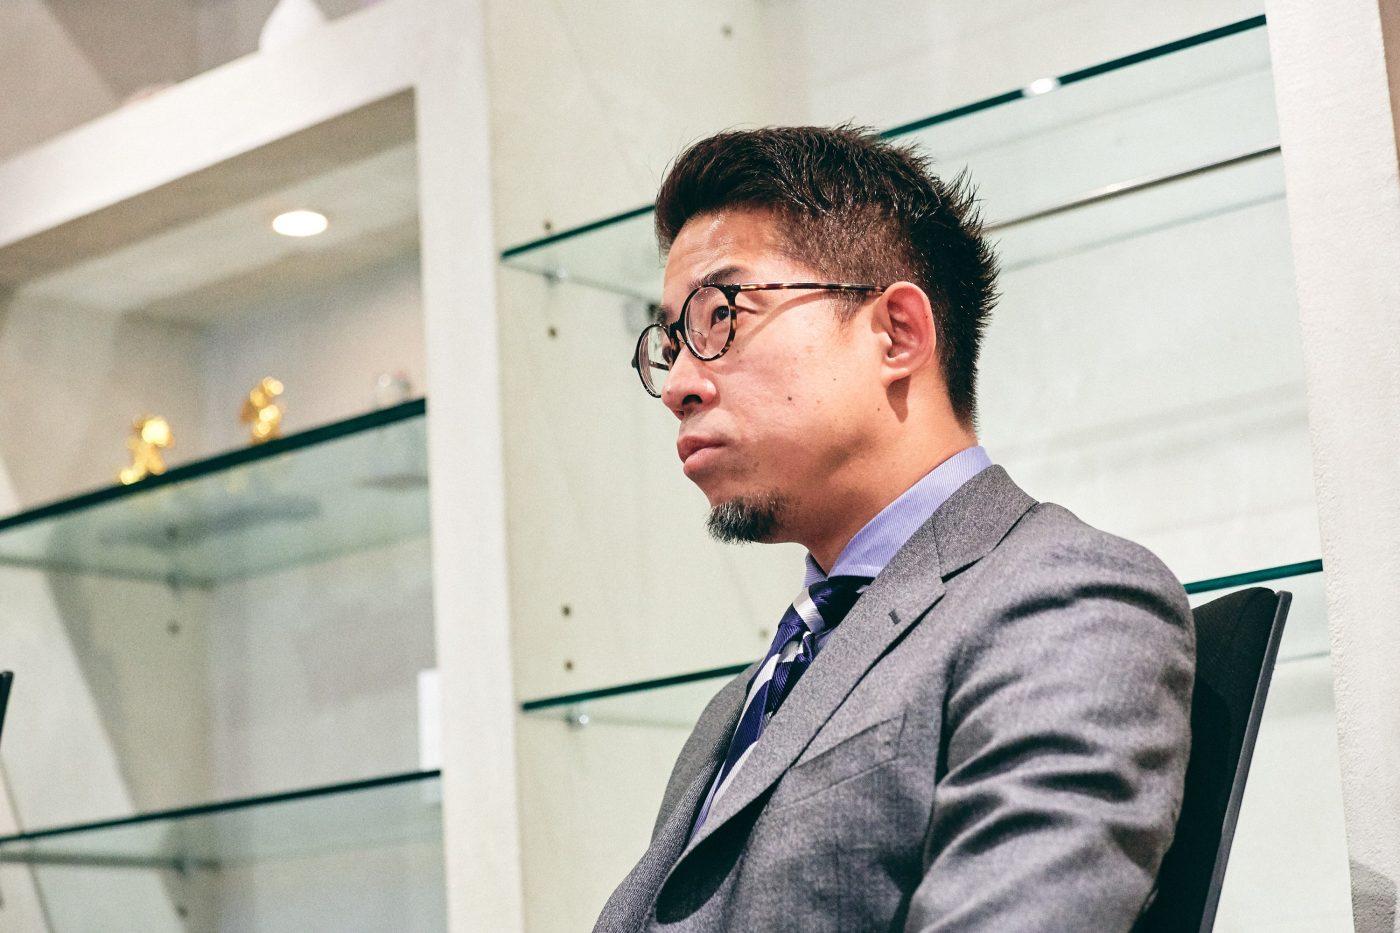 「シード~アーリーステージ」「デジタルビジネス」「アジア」の3点にフォーカスしたVC